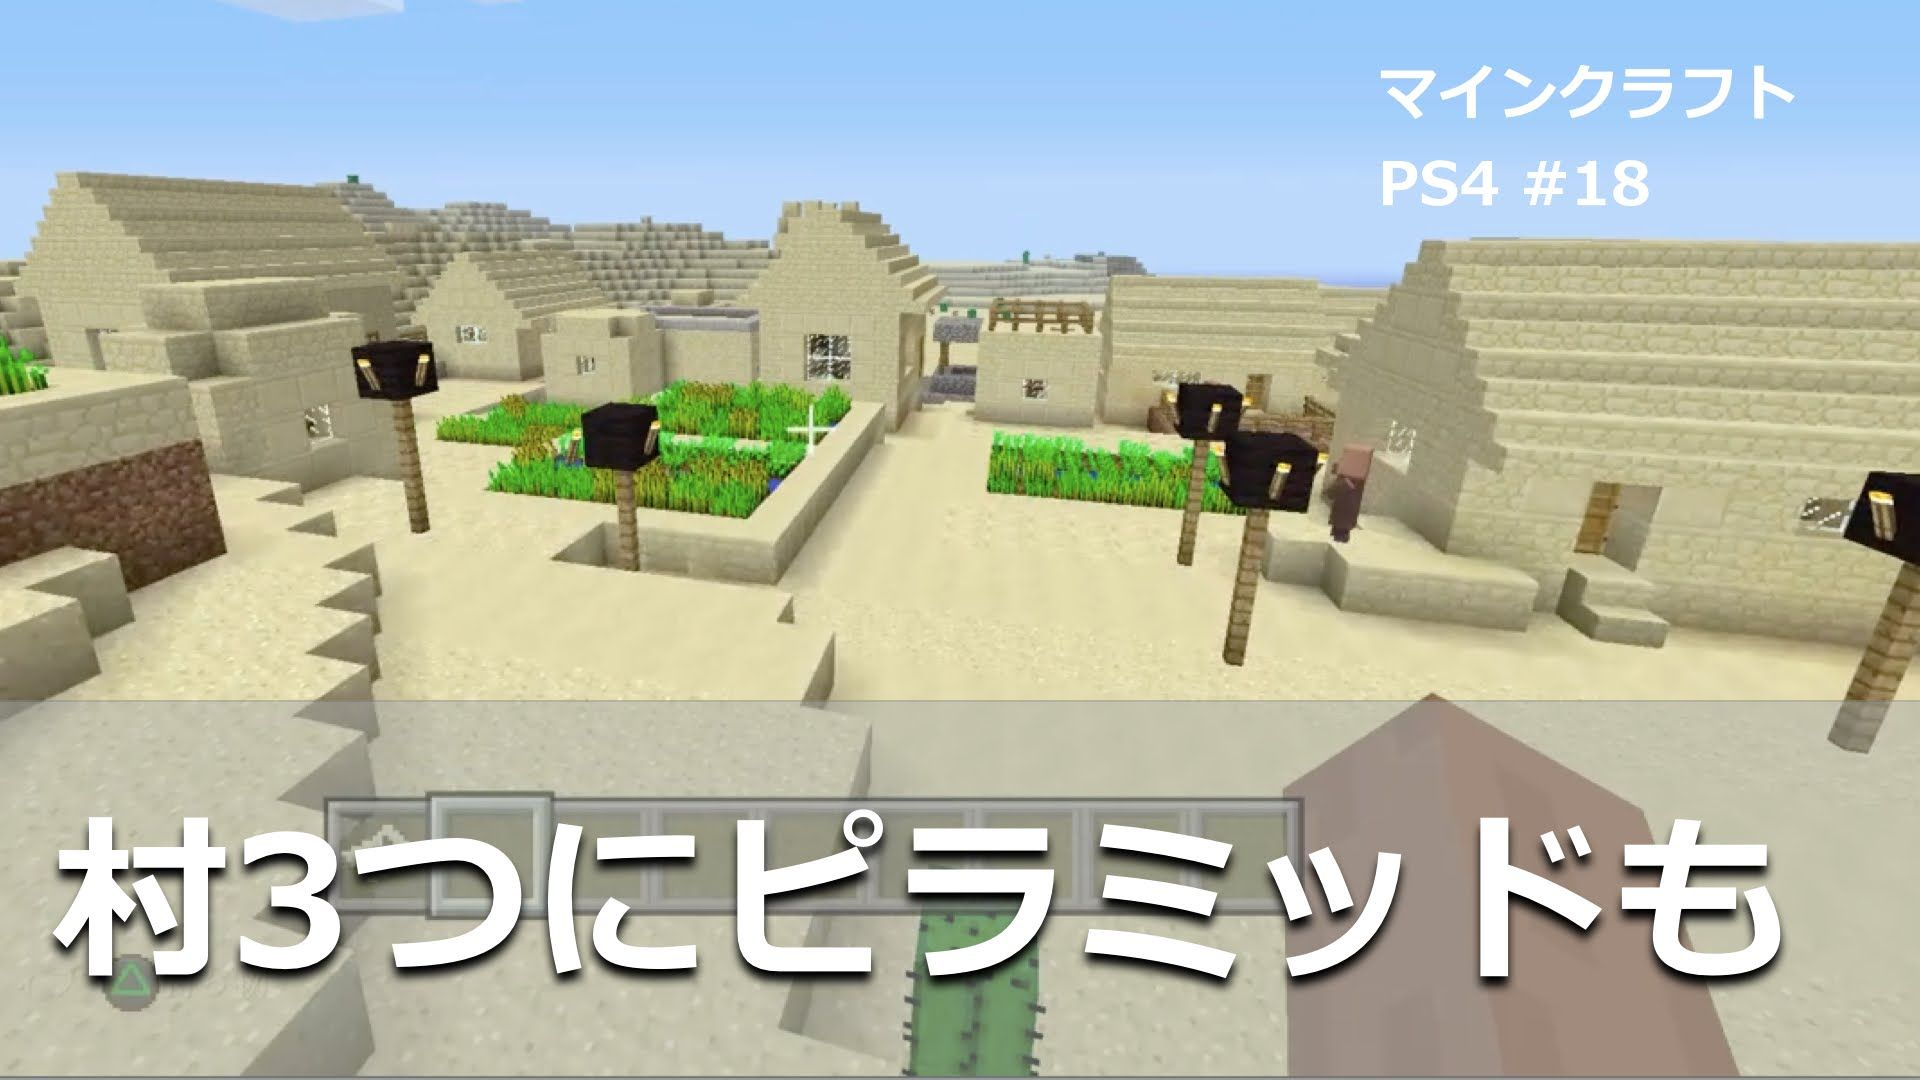 マインクラフト Ps4 18 これは これはおすすめできるシードを見つけたのでは 村3つ ピラミッド ジャングル寺院あり シード値と座標は概要欄に Ps4 おすすめシード 1 Ps4 おすすめ ピラミッド 座標